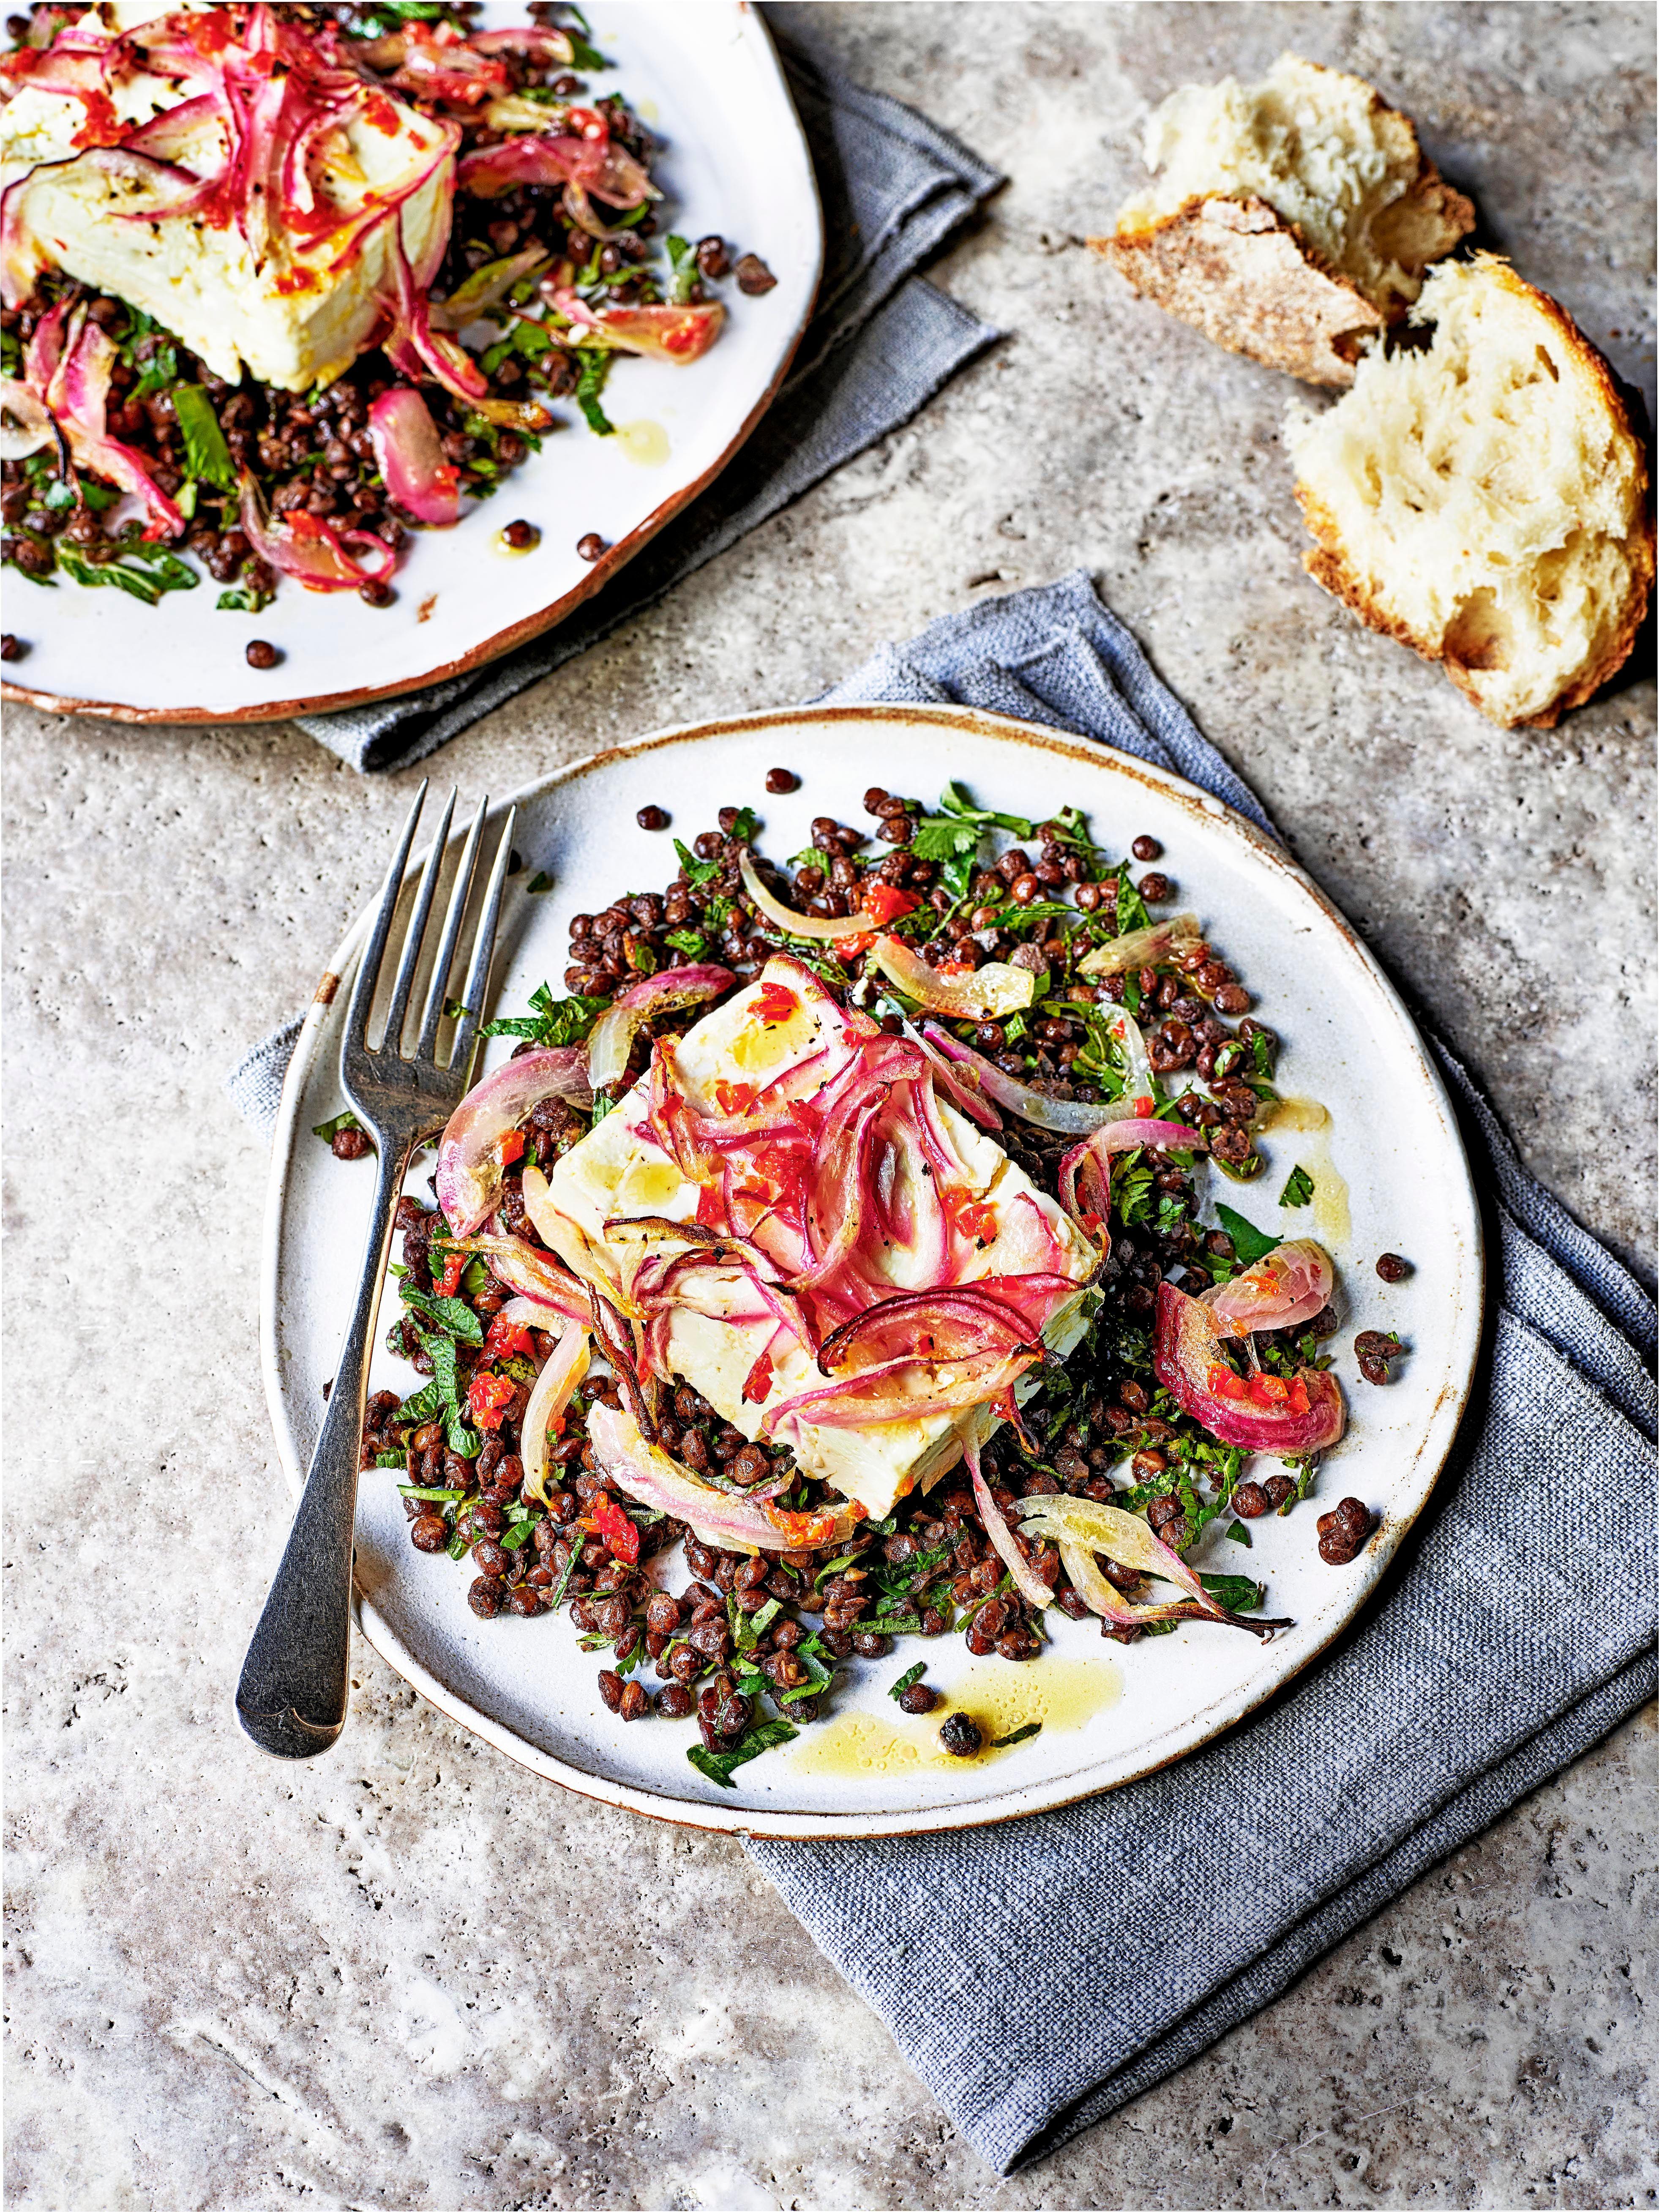 Rețetă de salată de linte cu Feta și pâine crocantă.  Servit pe o farfurie albă cu un șervețel albastru pe o masă gri.